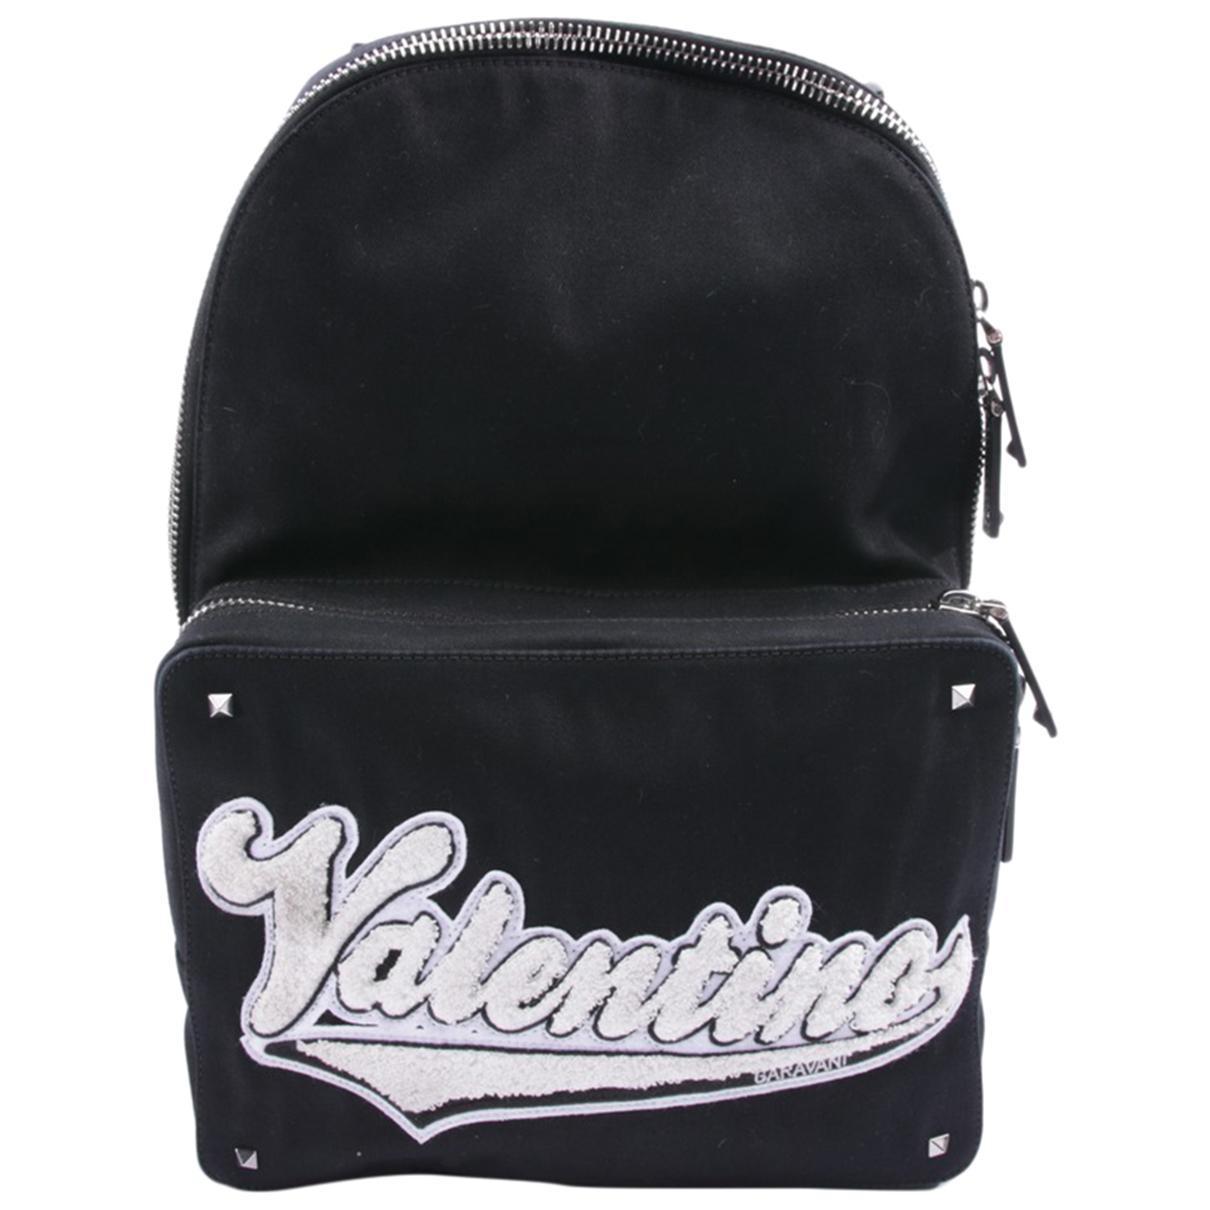 Valentino Garavani \N Black Leather backpack for Women \N